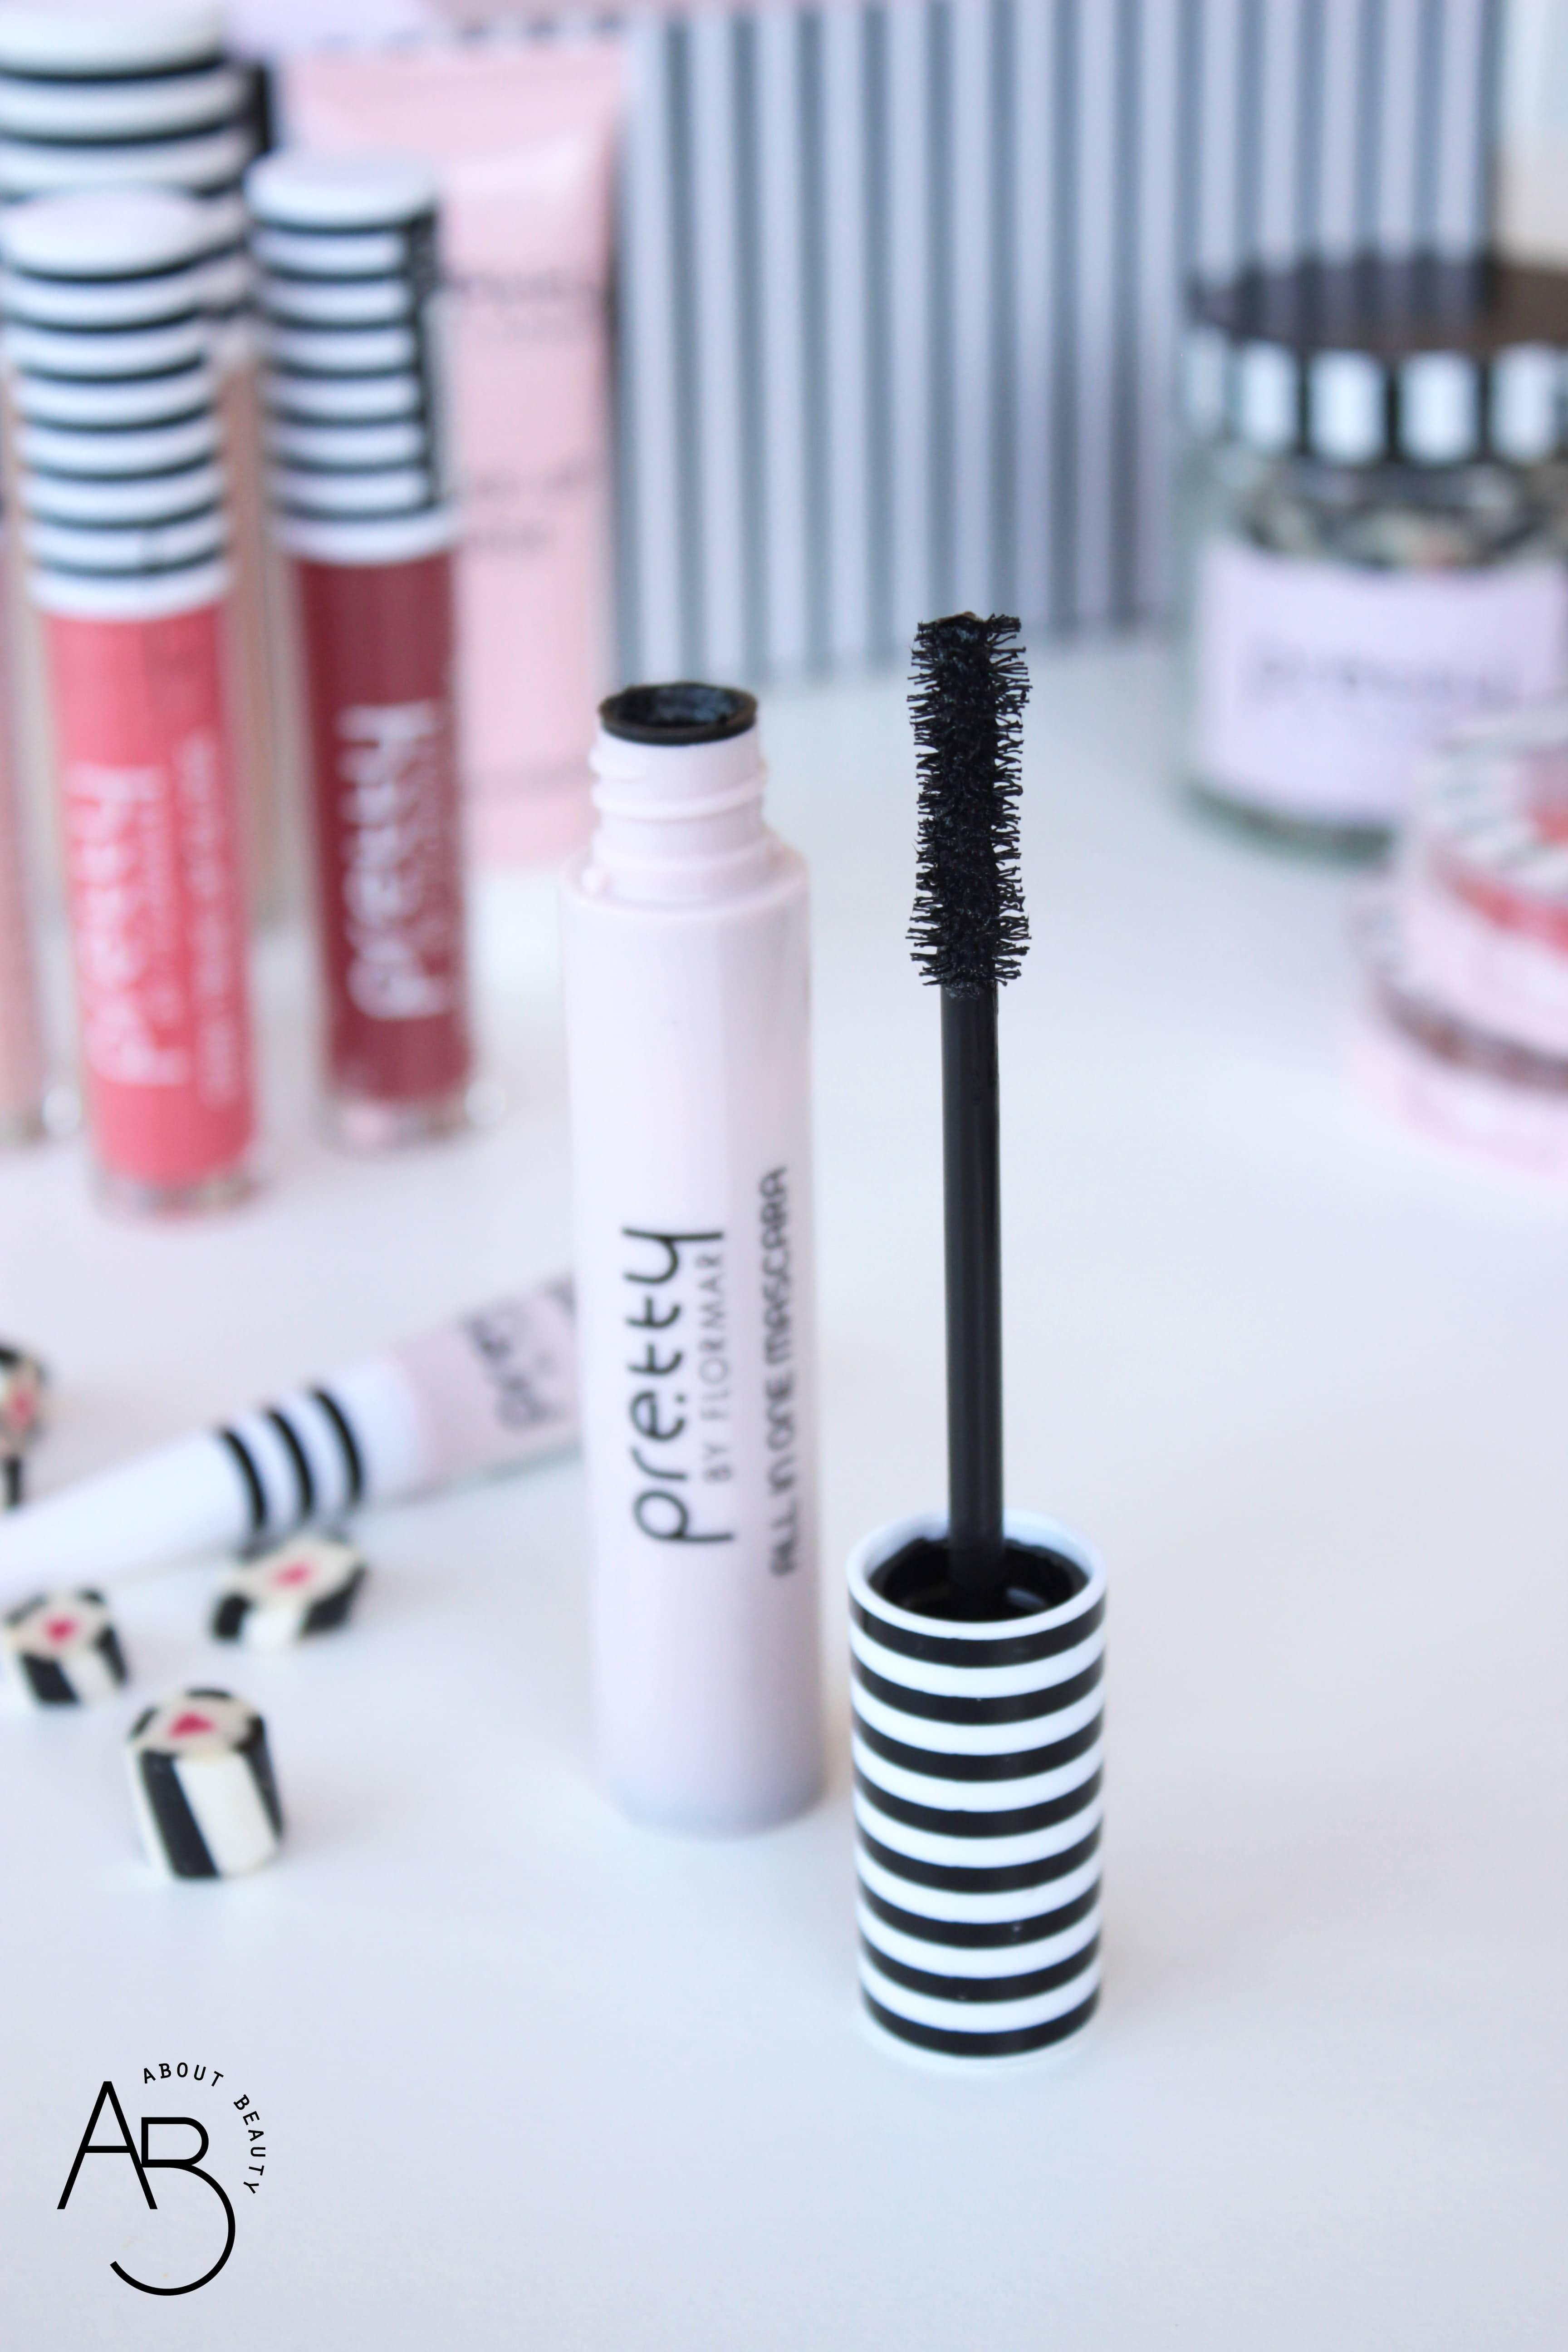 Pretty by Flormar, la nuova linea make-up low cost in esclusiva da OVS - Review, recensione, opinioni, dove acquistare, swatch - All in one Mascara